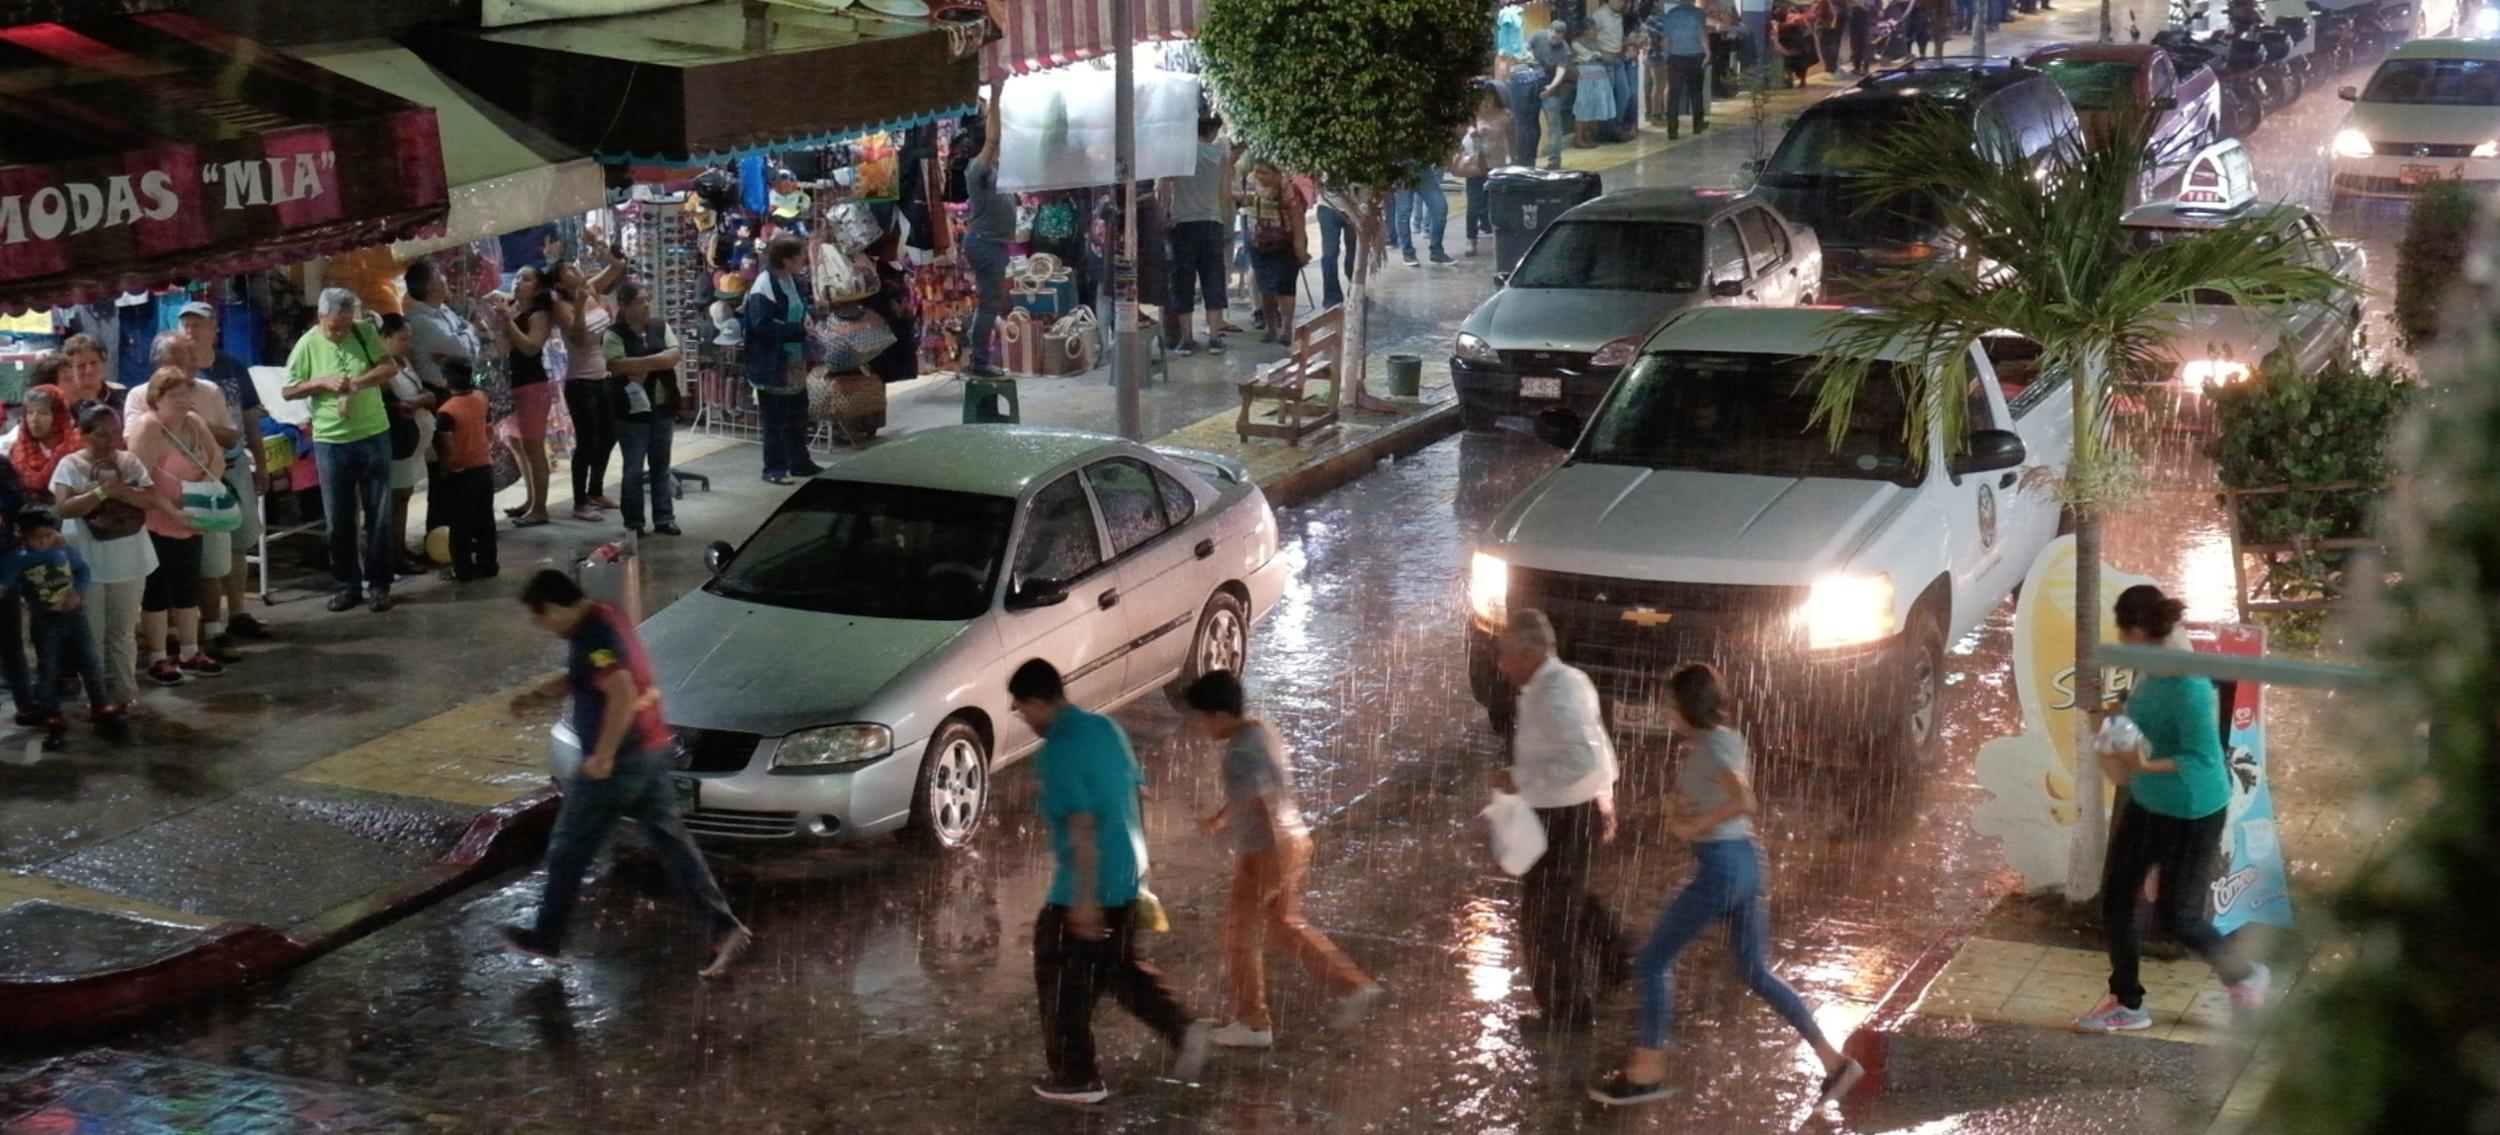 Palenque rain 2.jpg